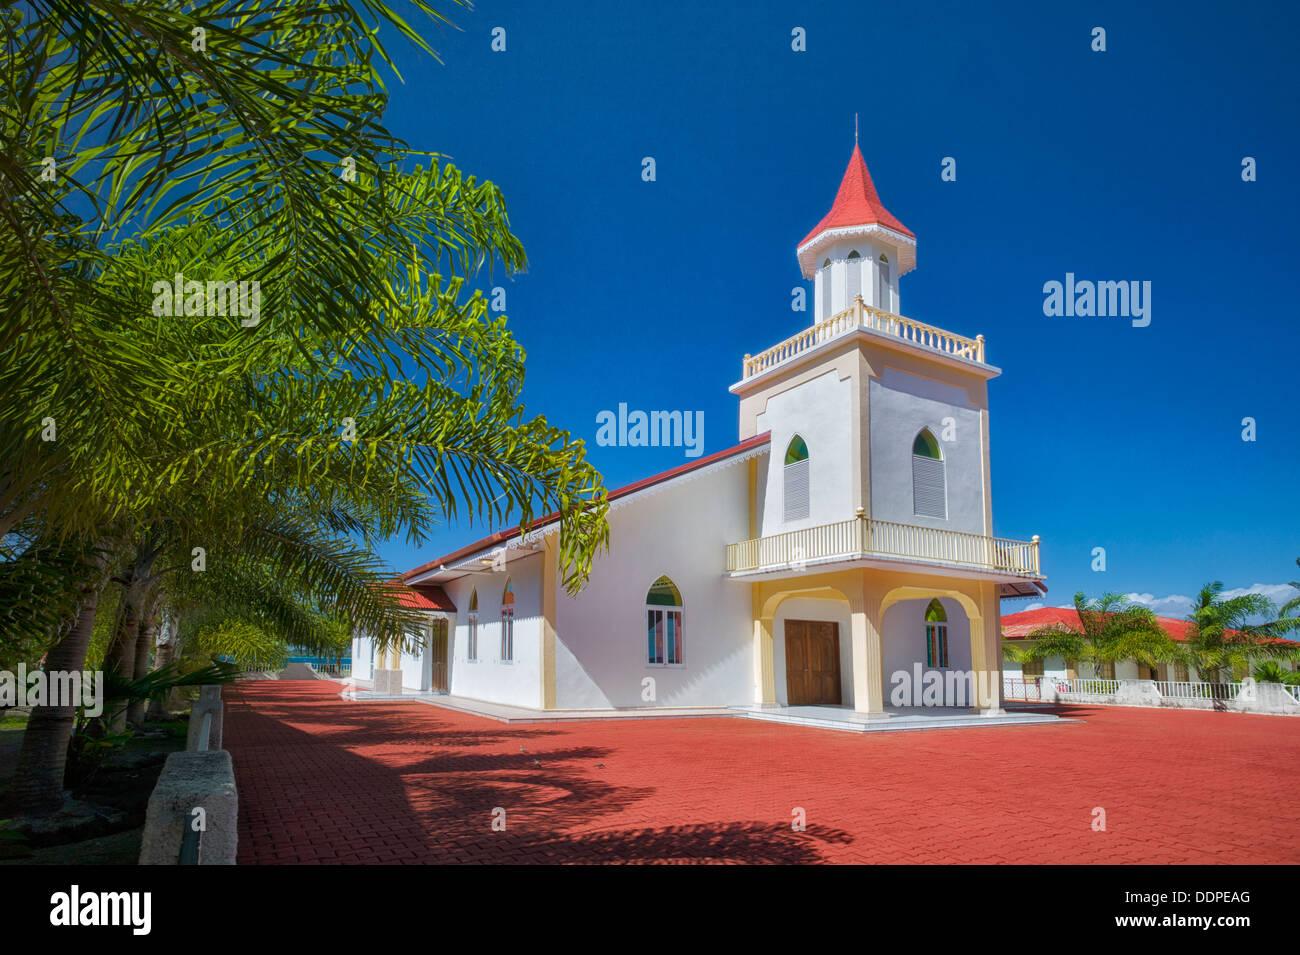 Anau Maohi Protestant Church. Bora Bora. French Polynesia. - Stock Image